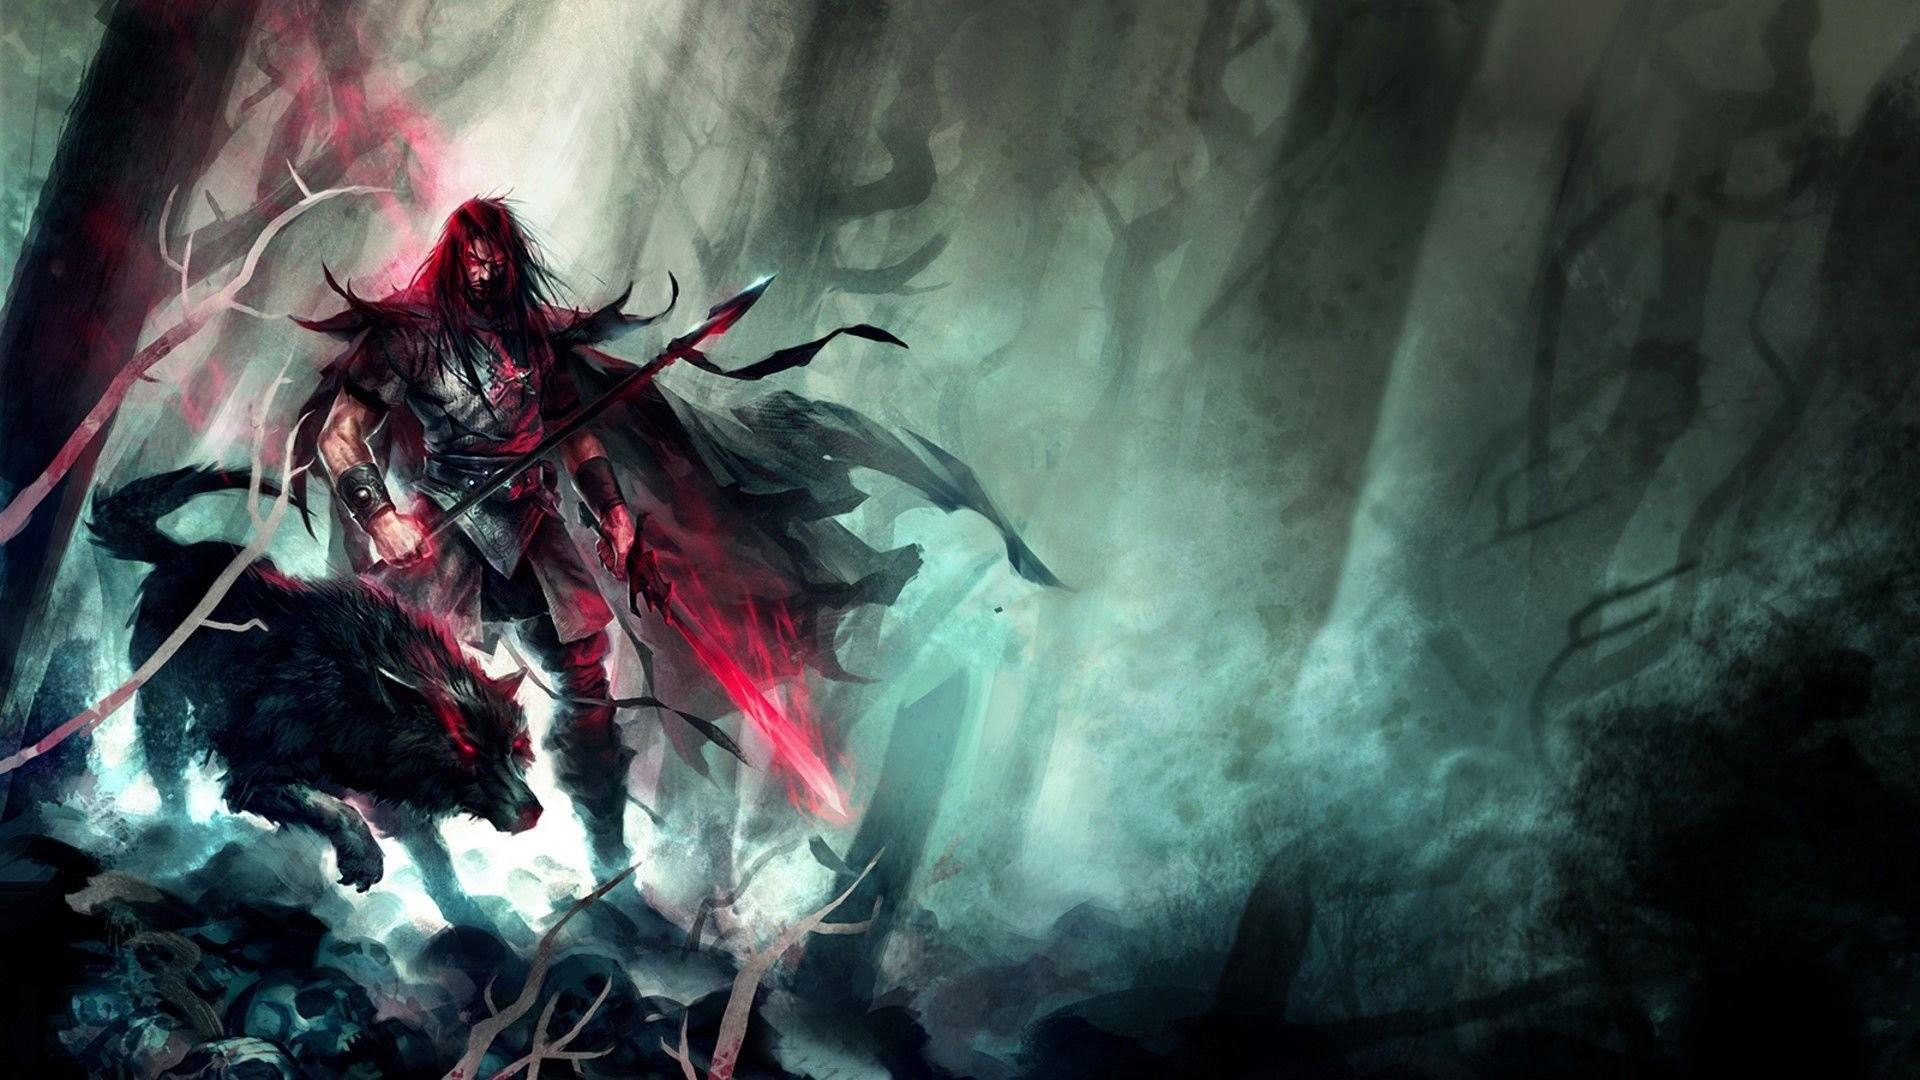 Spear Warrior Next To Black Wolf